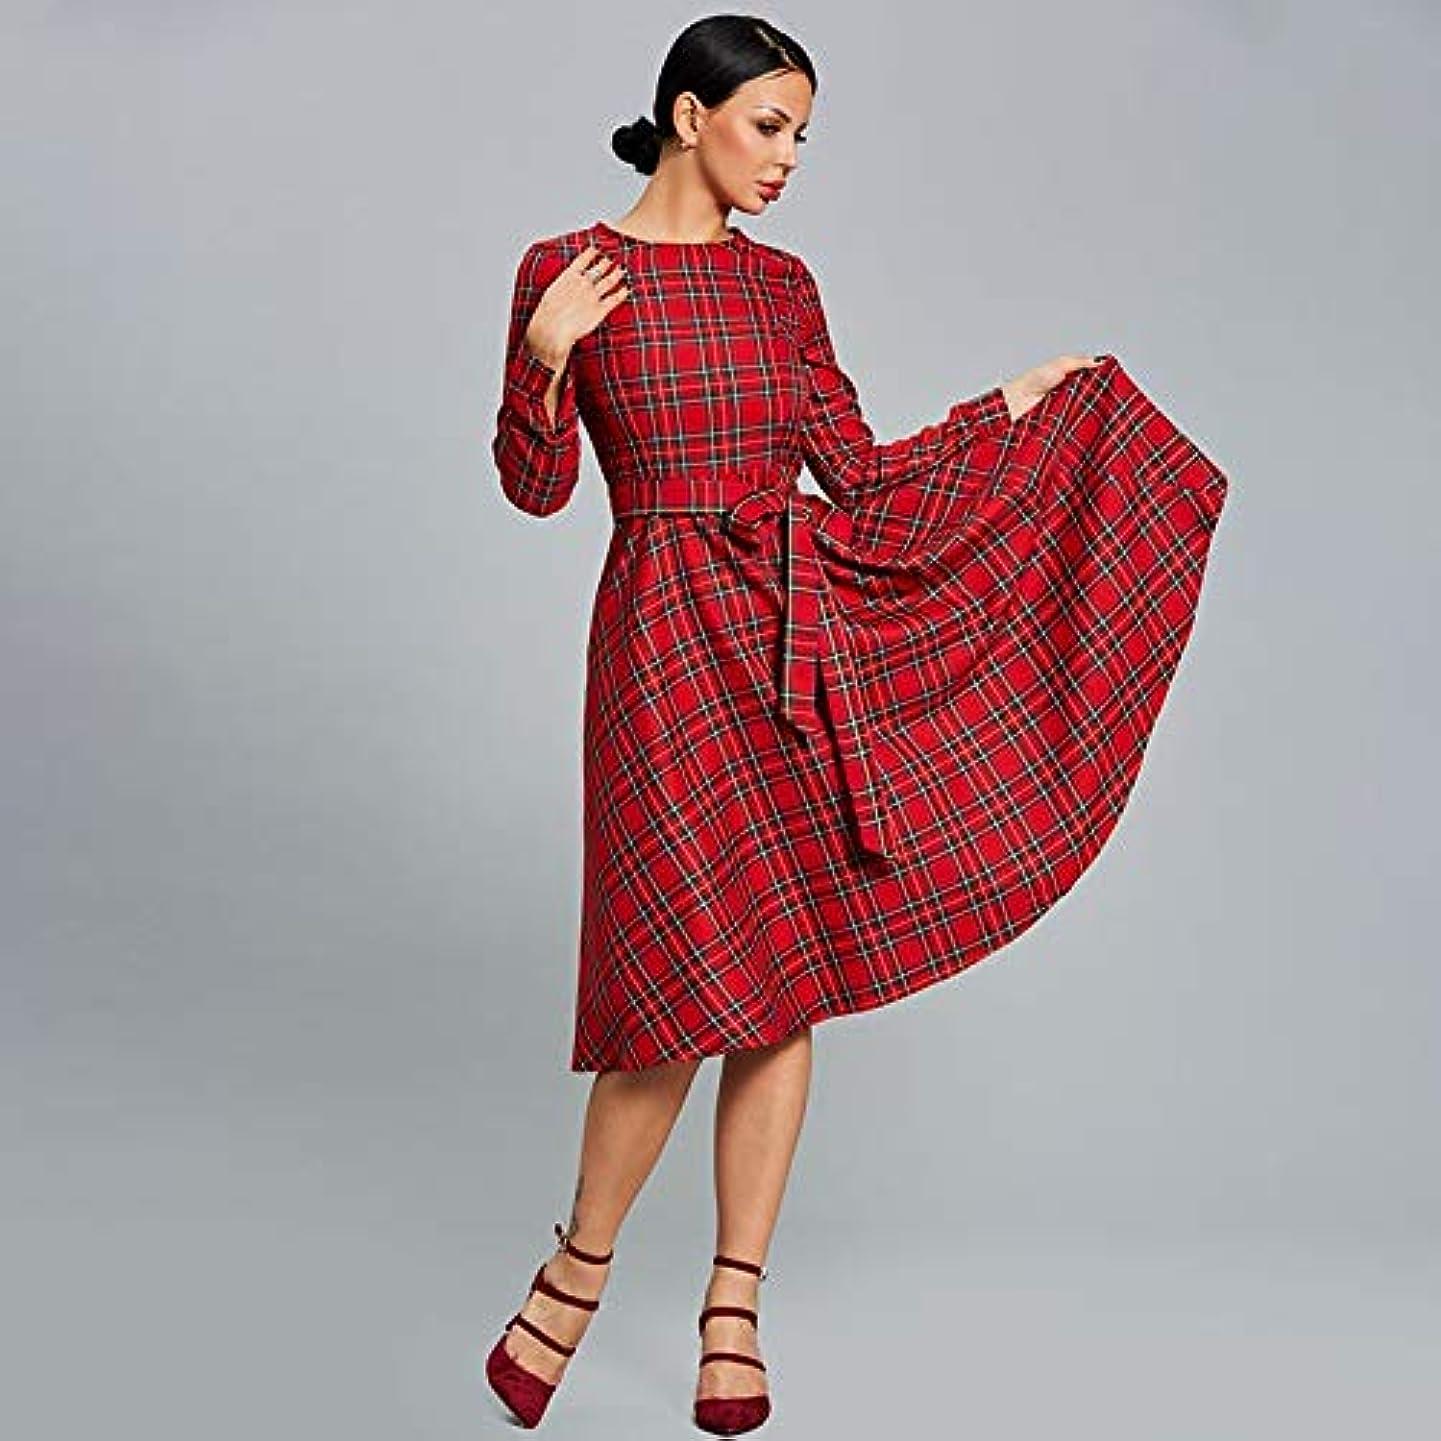 ホップ軽くモットーOnderroa - 女性のドレス秋のタータンチェックレッドパーティードレスOネックロングスリーブパッチワークラインデー2018女性の厚いヴィンテージドレス